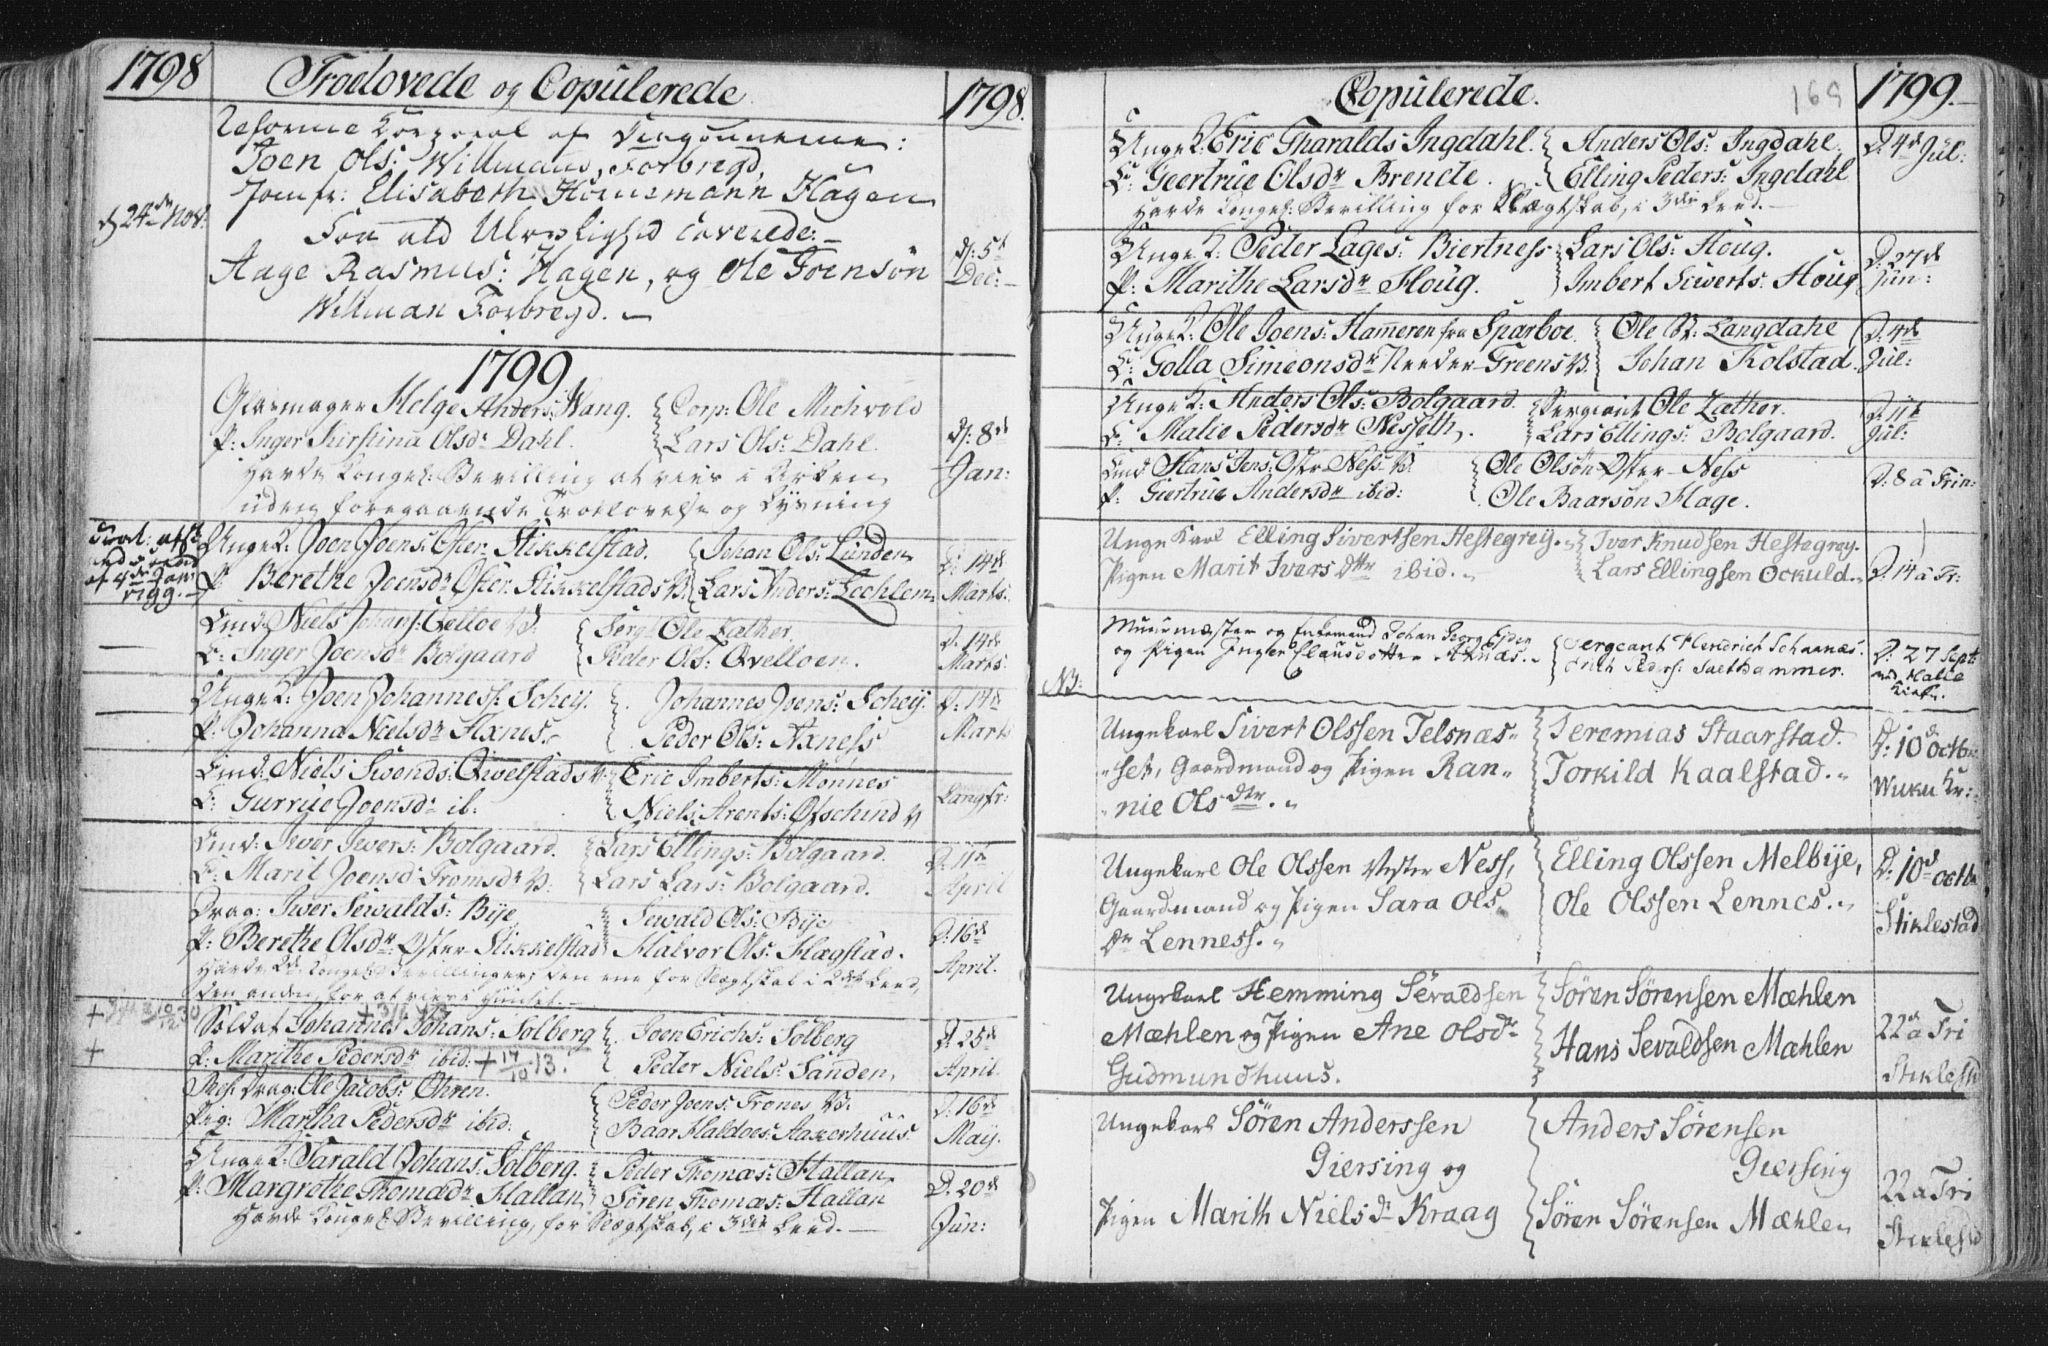 SAT, Ministerialprotokoller, klokkerbøker og fødselsregistre - Nord-Trøndelag, 723/L0232: Ministerialbok nr. 723A03, 1781-1804, s. 169